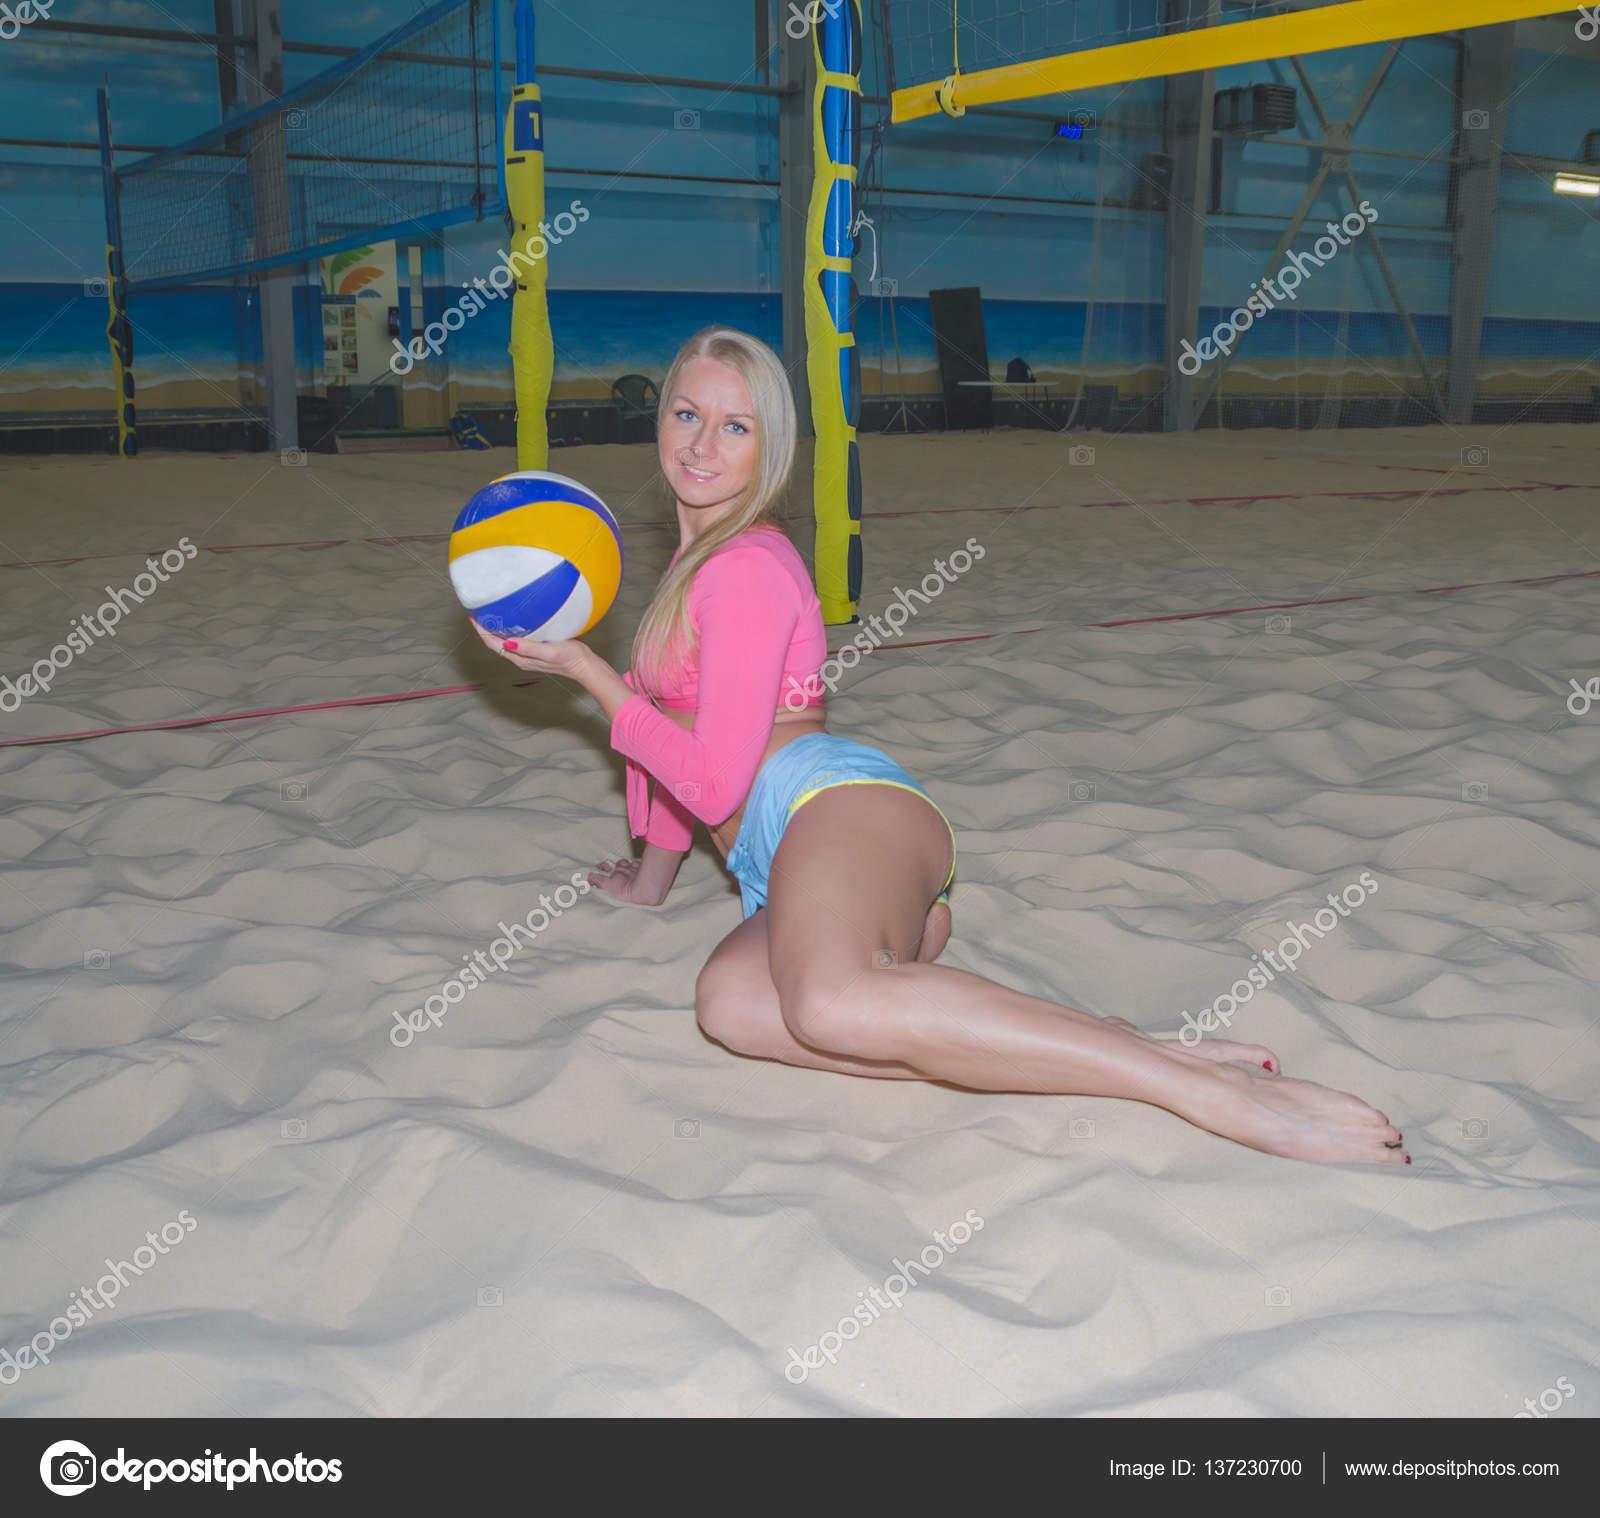 Крупно фото сексуальных девушек на волейболе